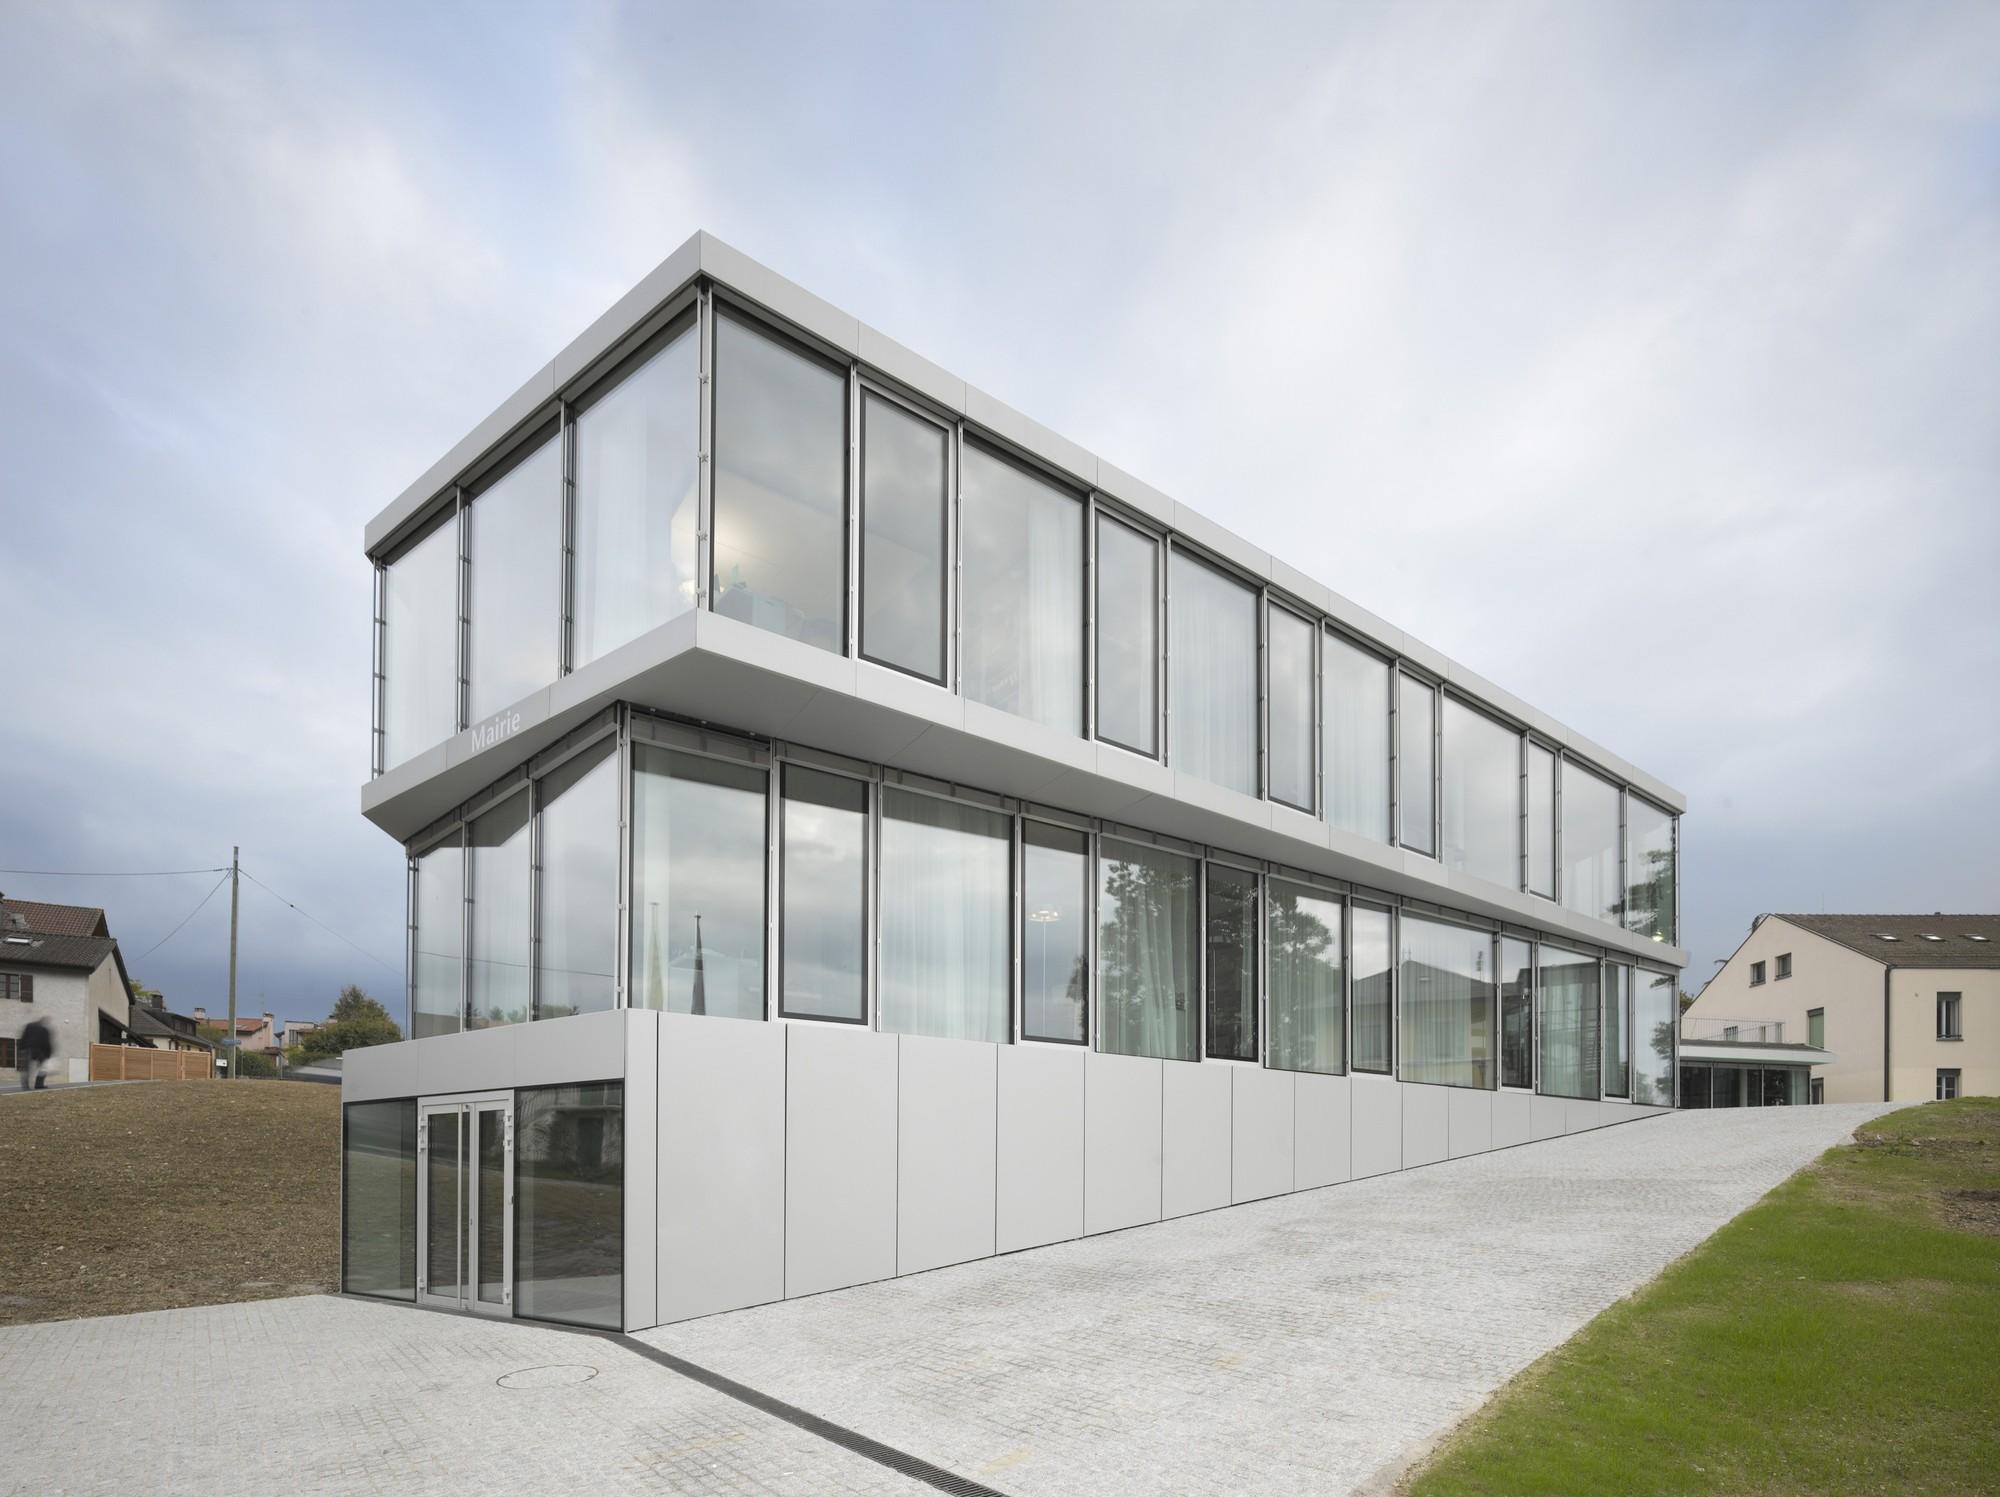 Bernex City Hall / Personeni Raffaele Schärer Architects, © Roland Halbe